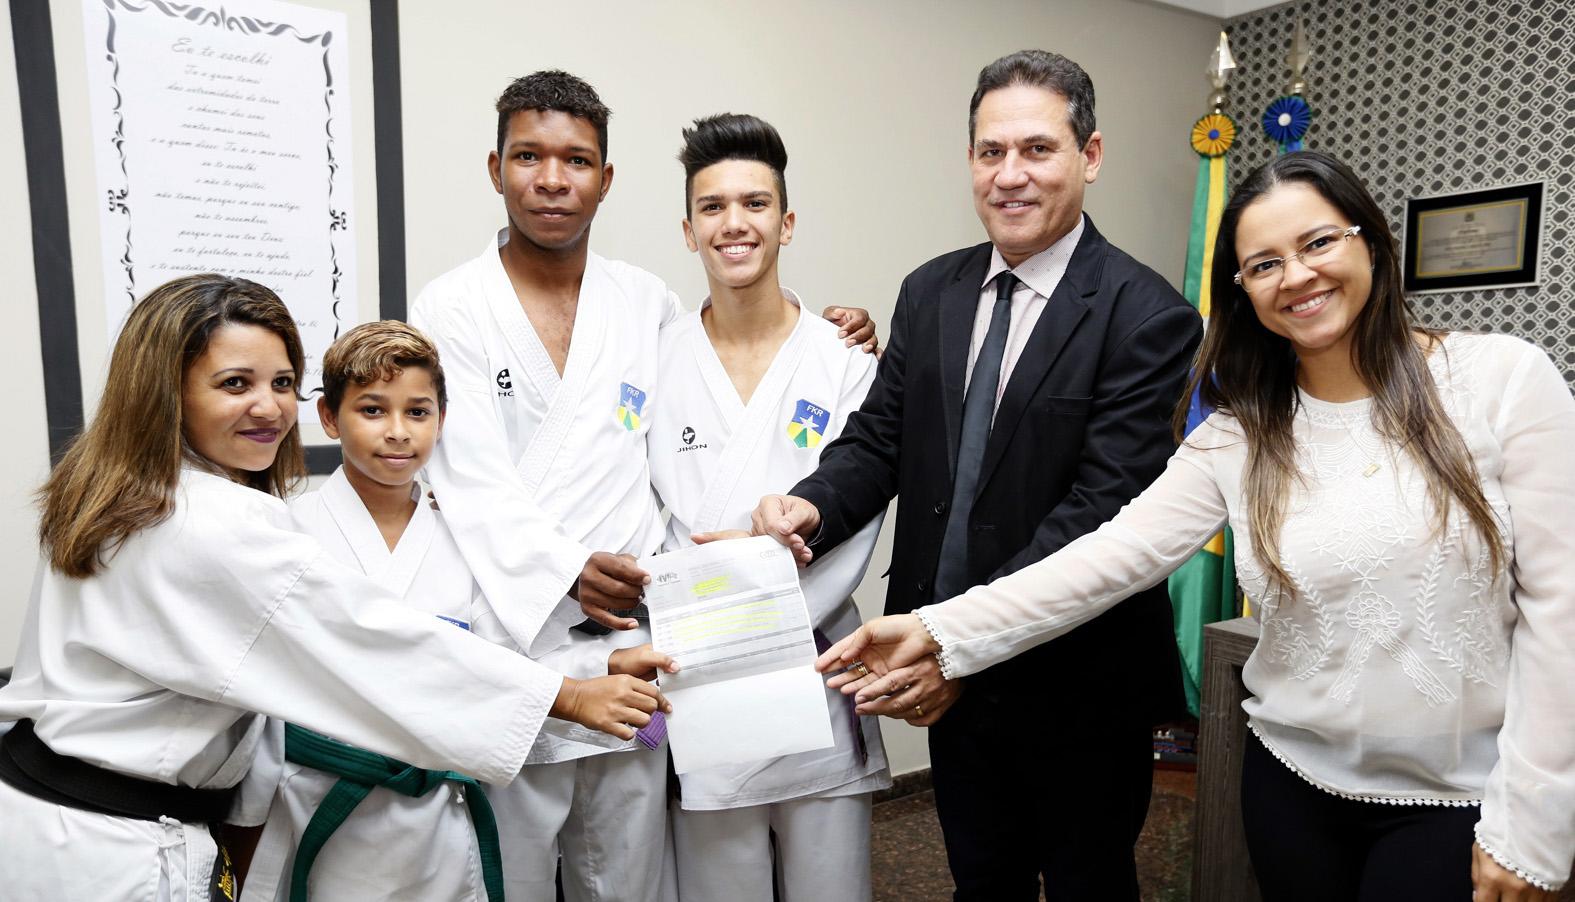 maurao-entrega-passagens-de-atletas-do-karate-que-vao-competir-em-sao-paulo.jpg